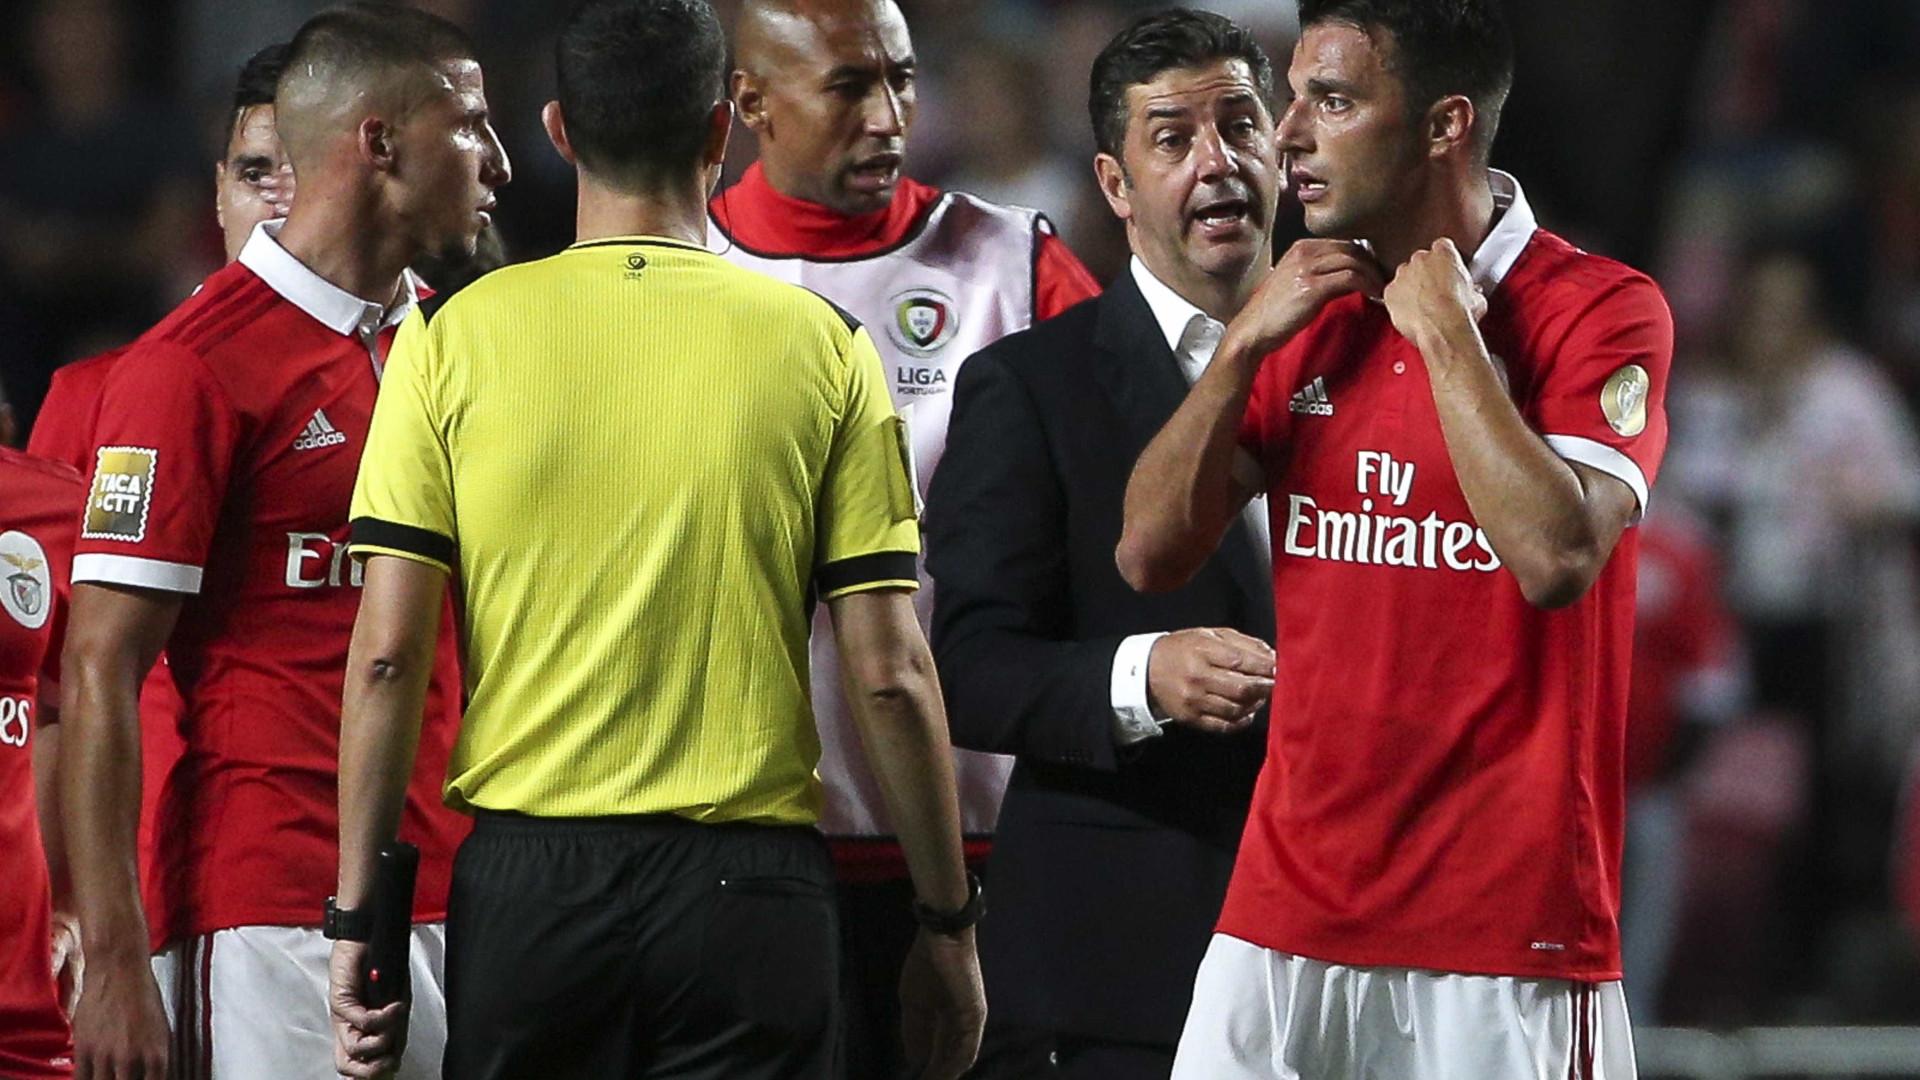 Samaris enfrenta suspensão de três jogos